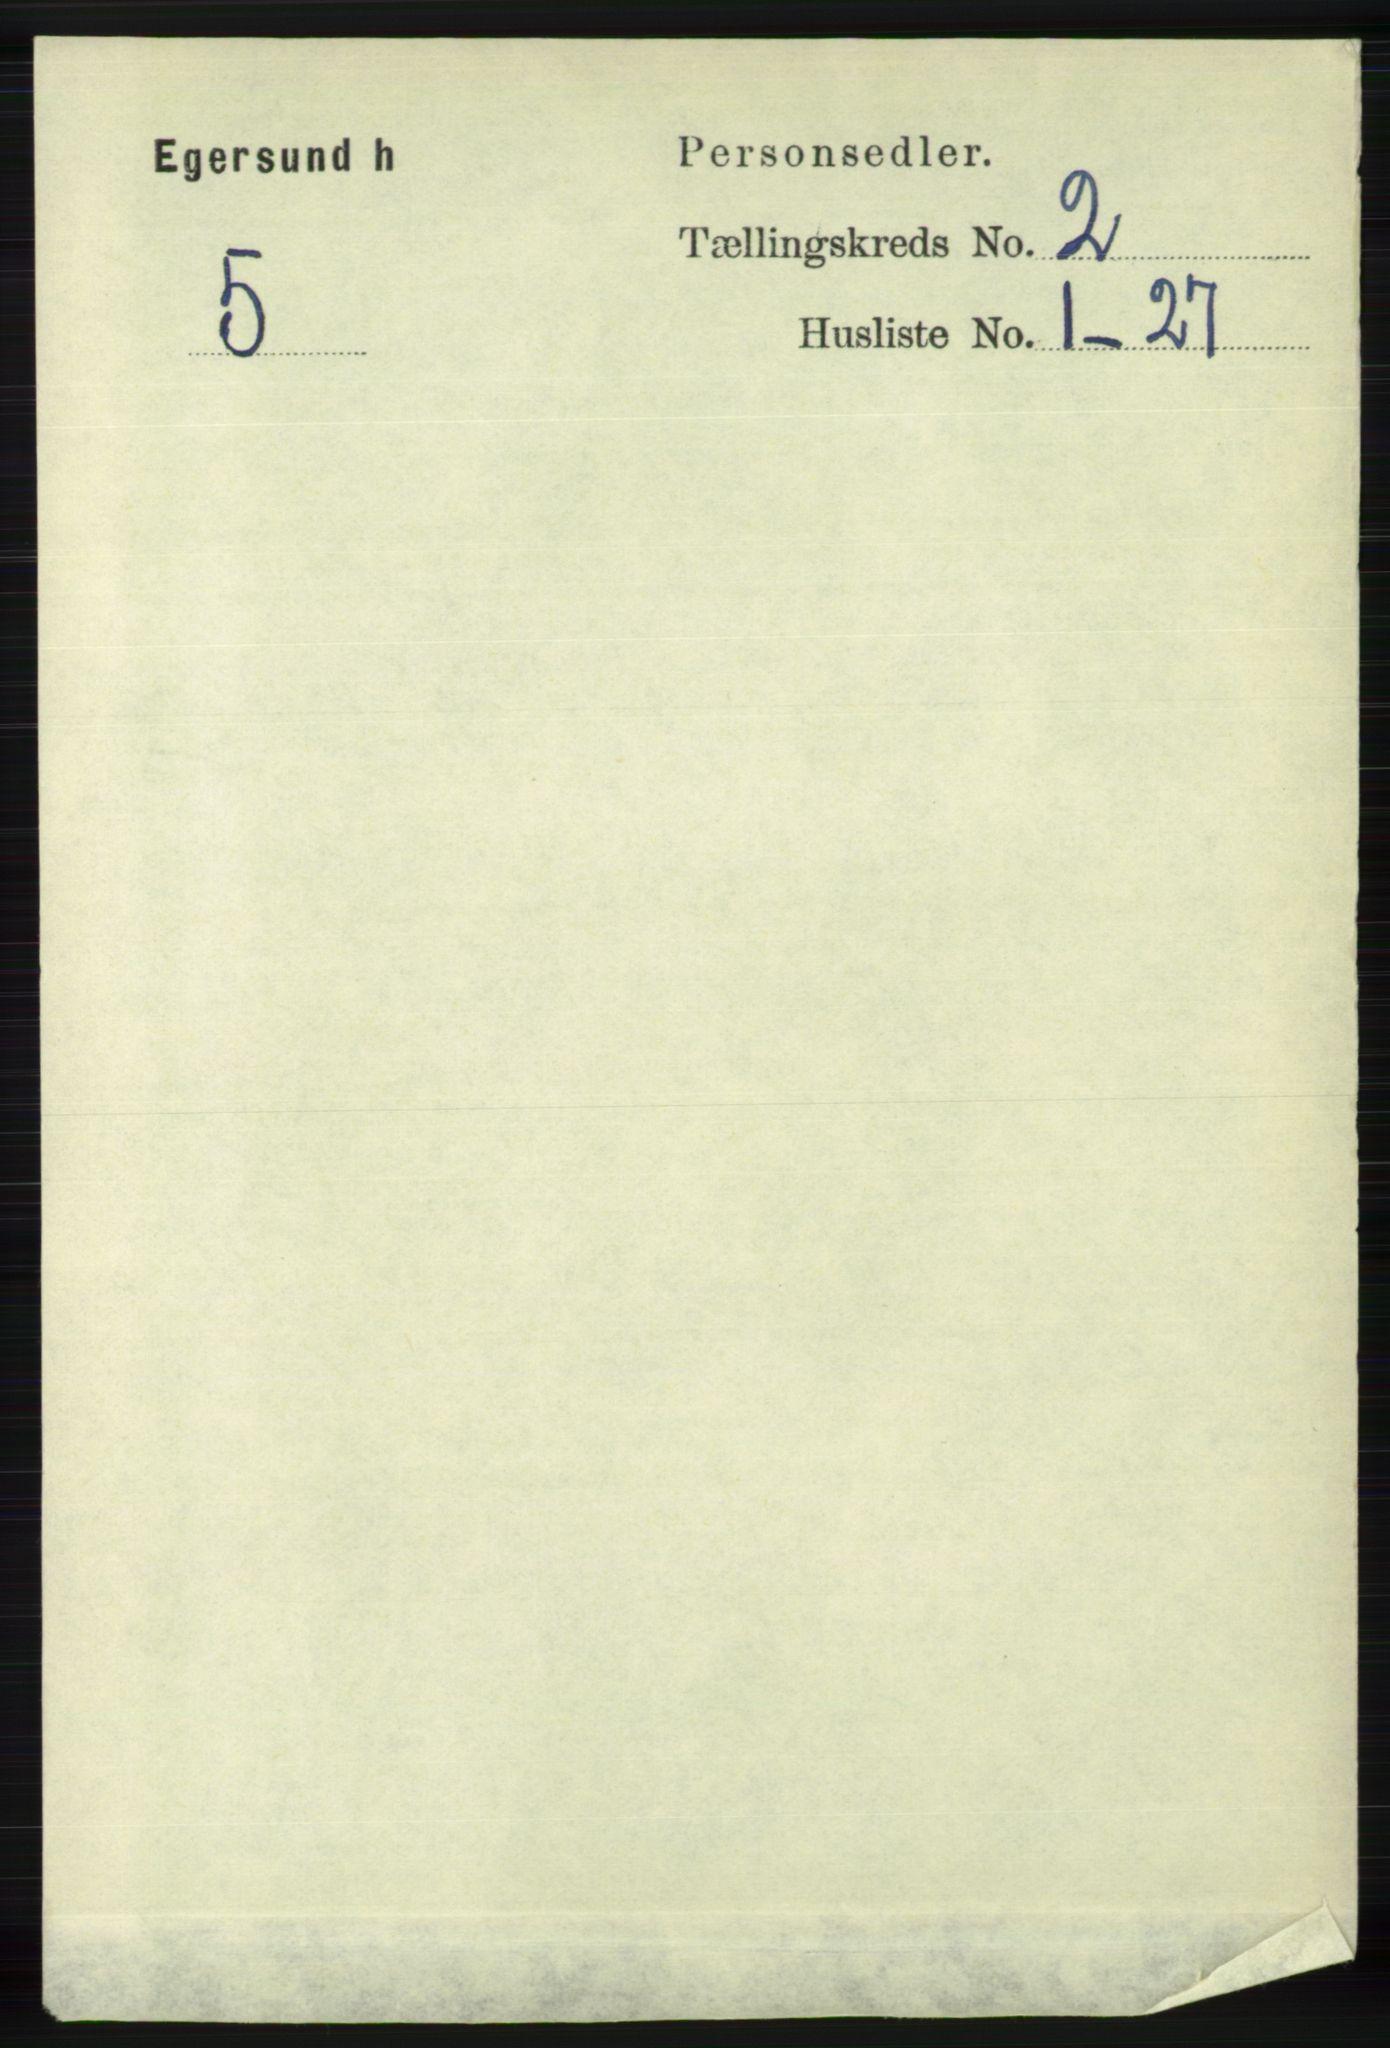 RA, Folketelling 1891 for 1116 Eigersund herred, 1891, s. 451